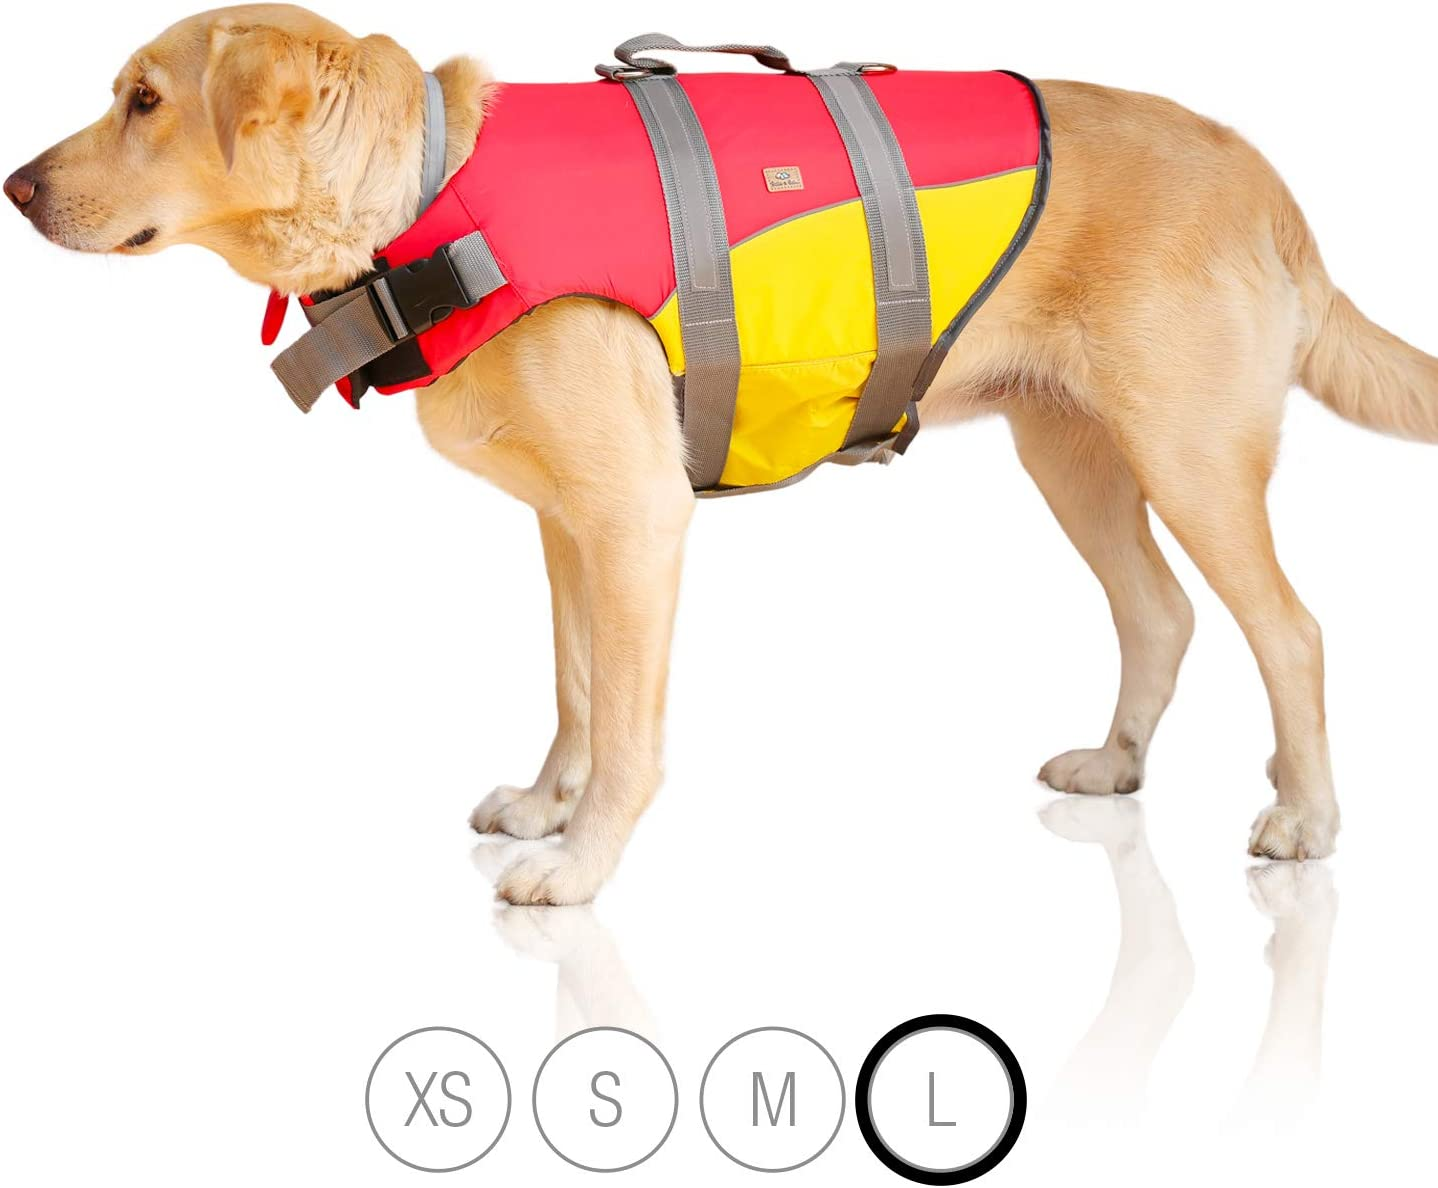 giubbotto di salvataggio riflettente per cani per la massima sicurezza in acqua durante il nuoto XS Bella /& Balu Giubbotto di salvataggio per cani